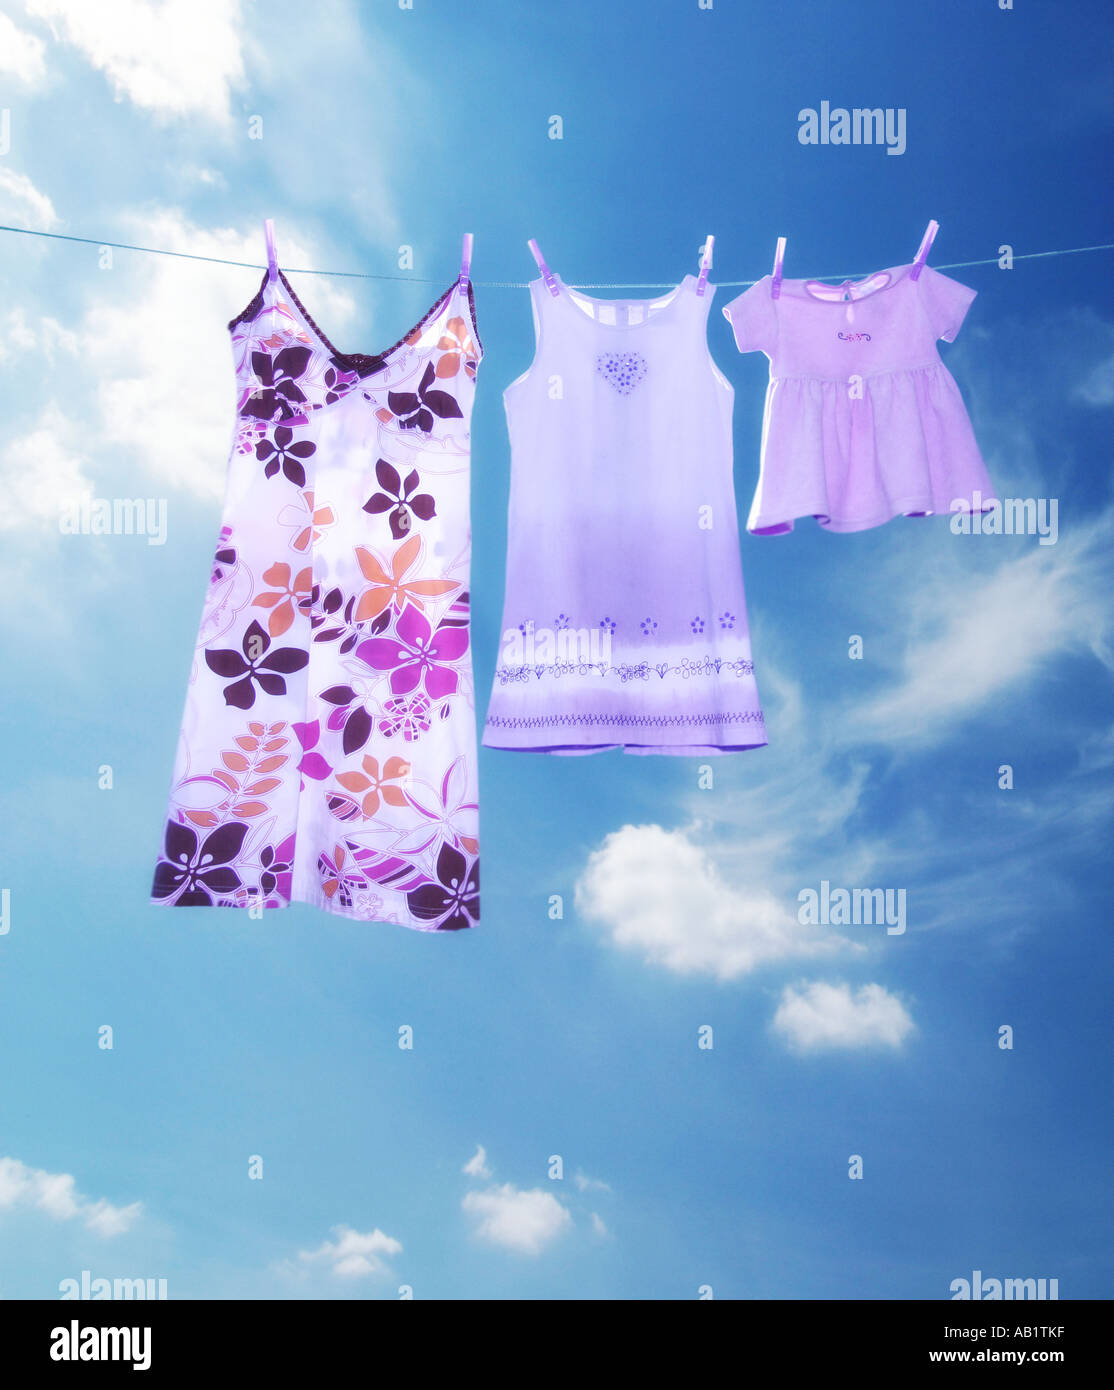 Tre abiti su una linea di lavaggio Immagini Stock